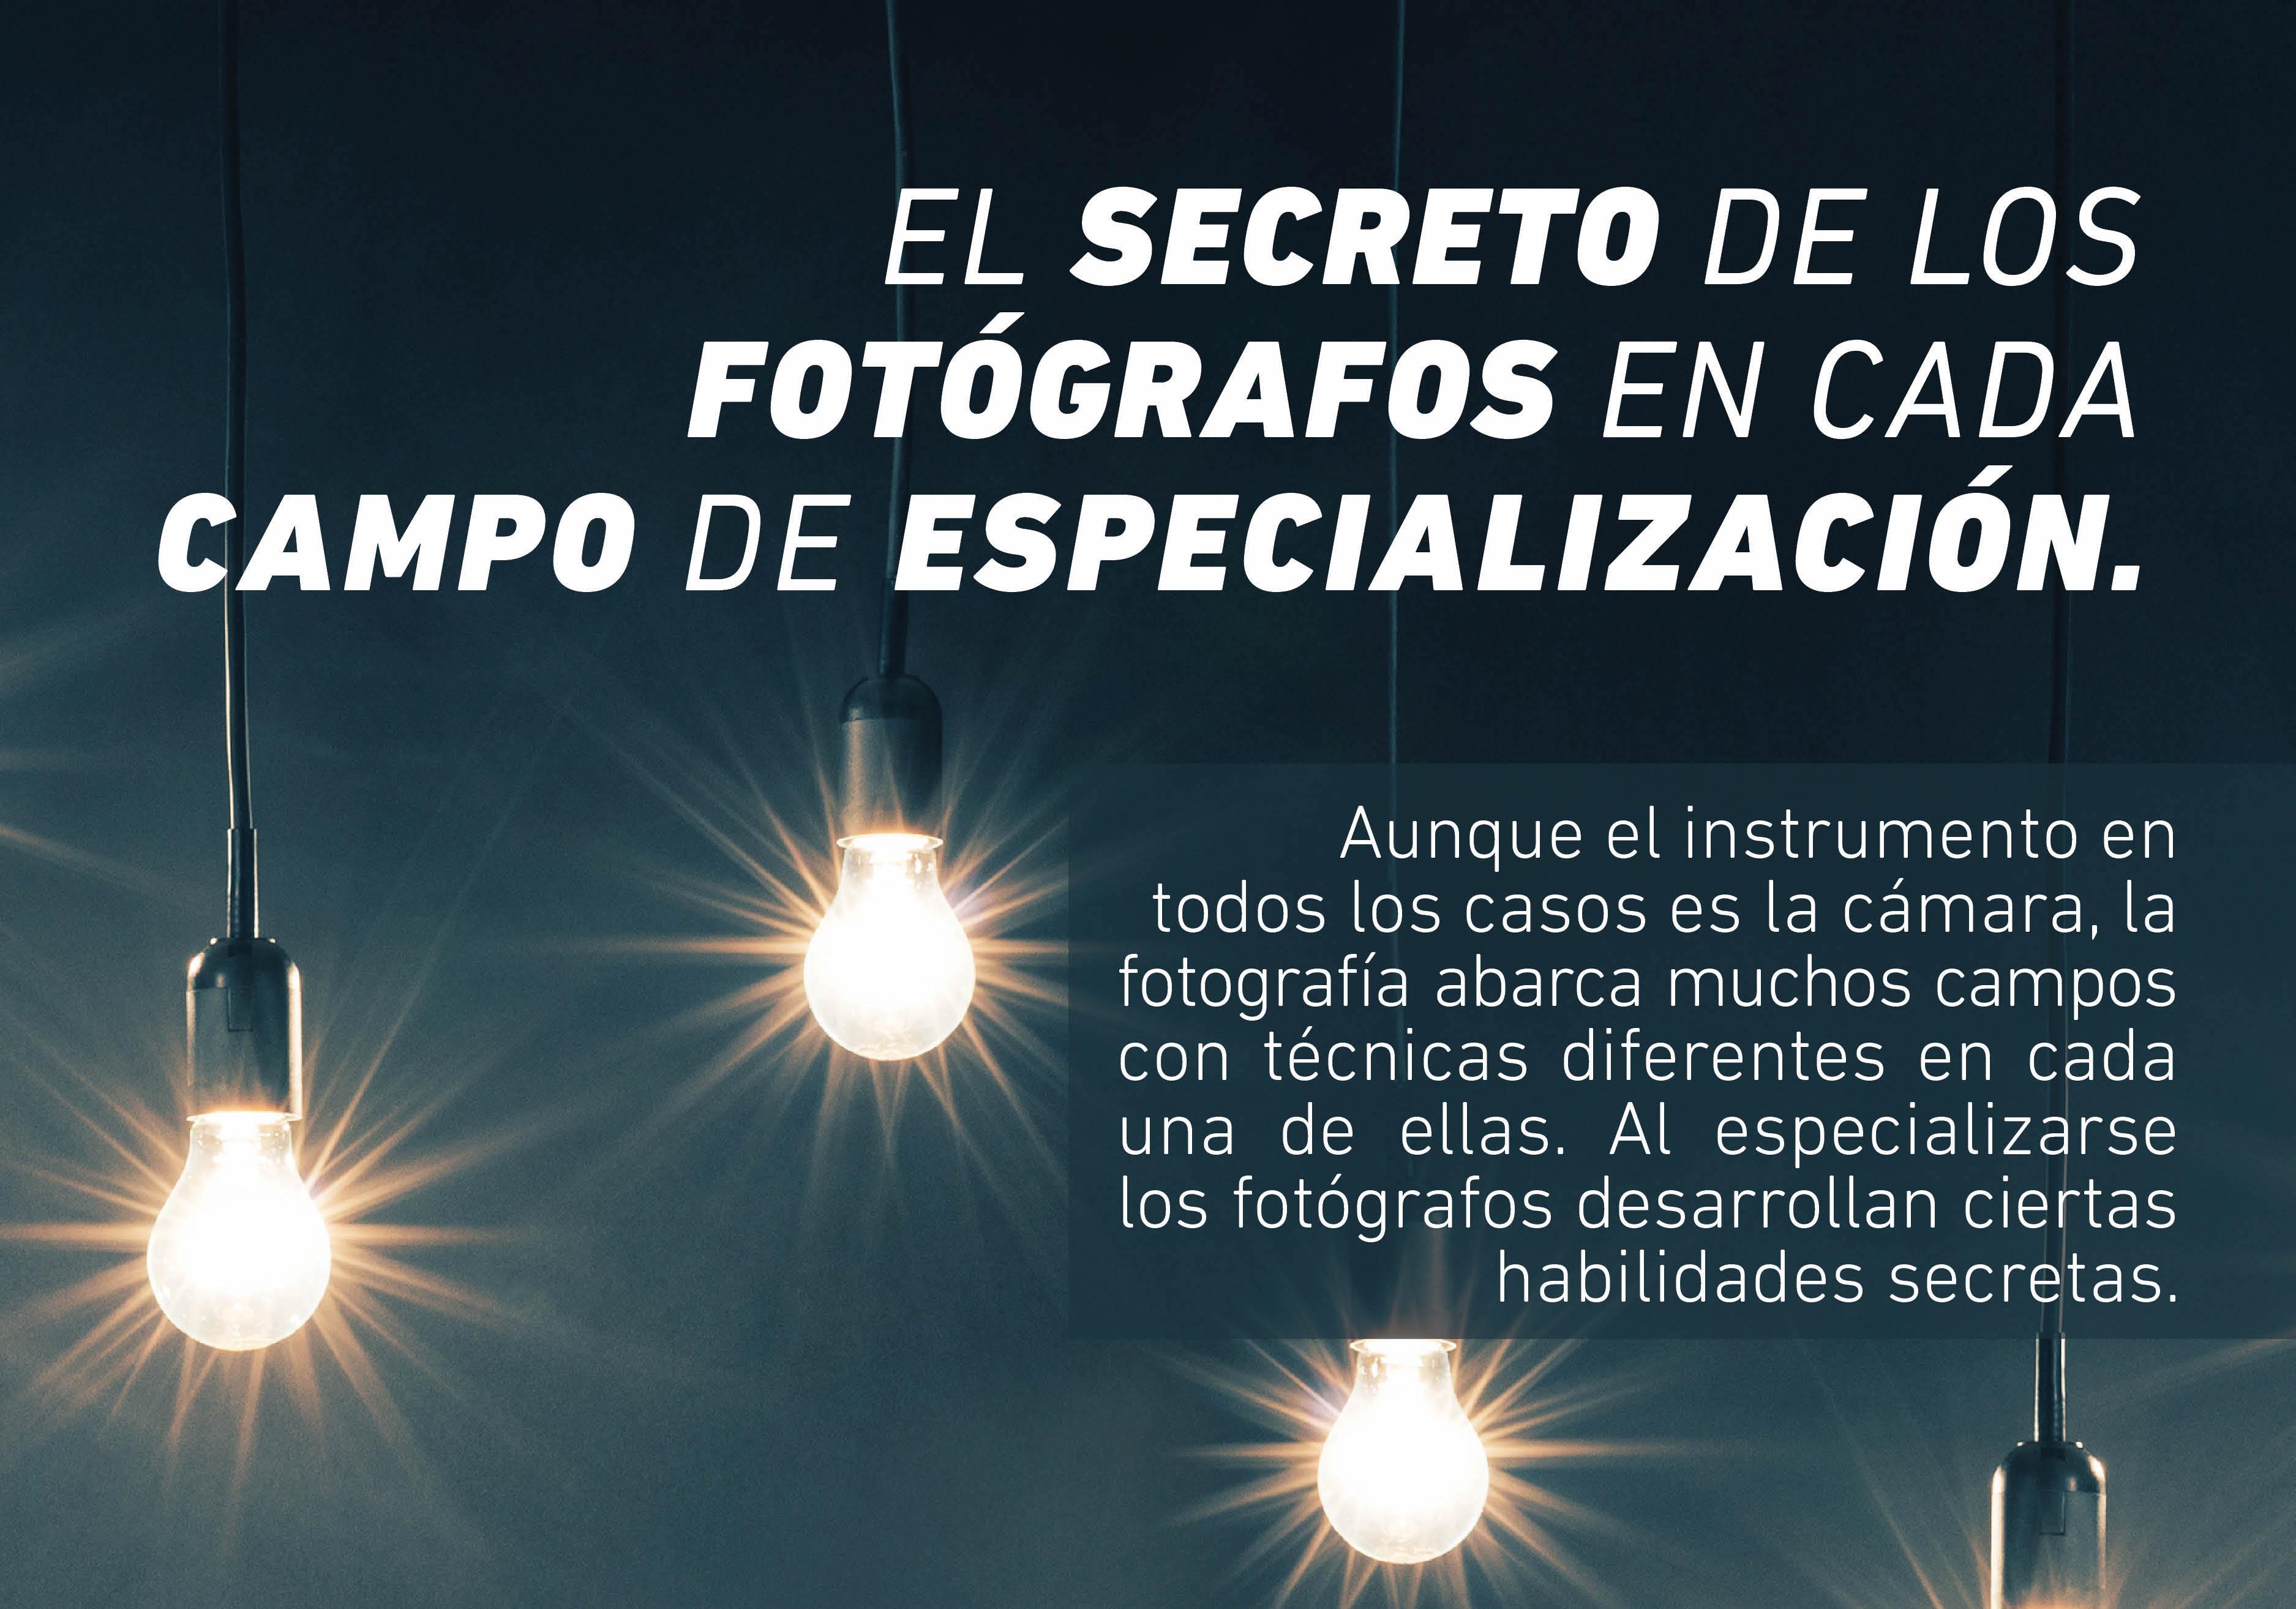 Existe un secreto de los fotógrafos por cada campo en el que se especializan, pues en cada uno se necesitan habilidades diferentes.